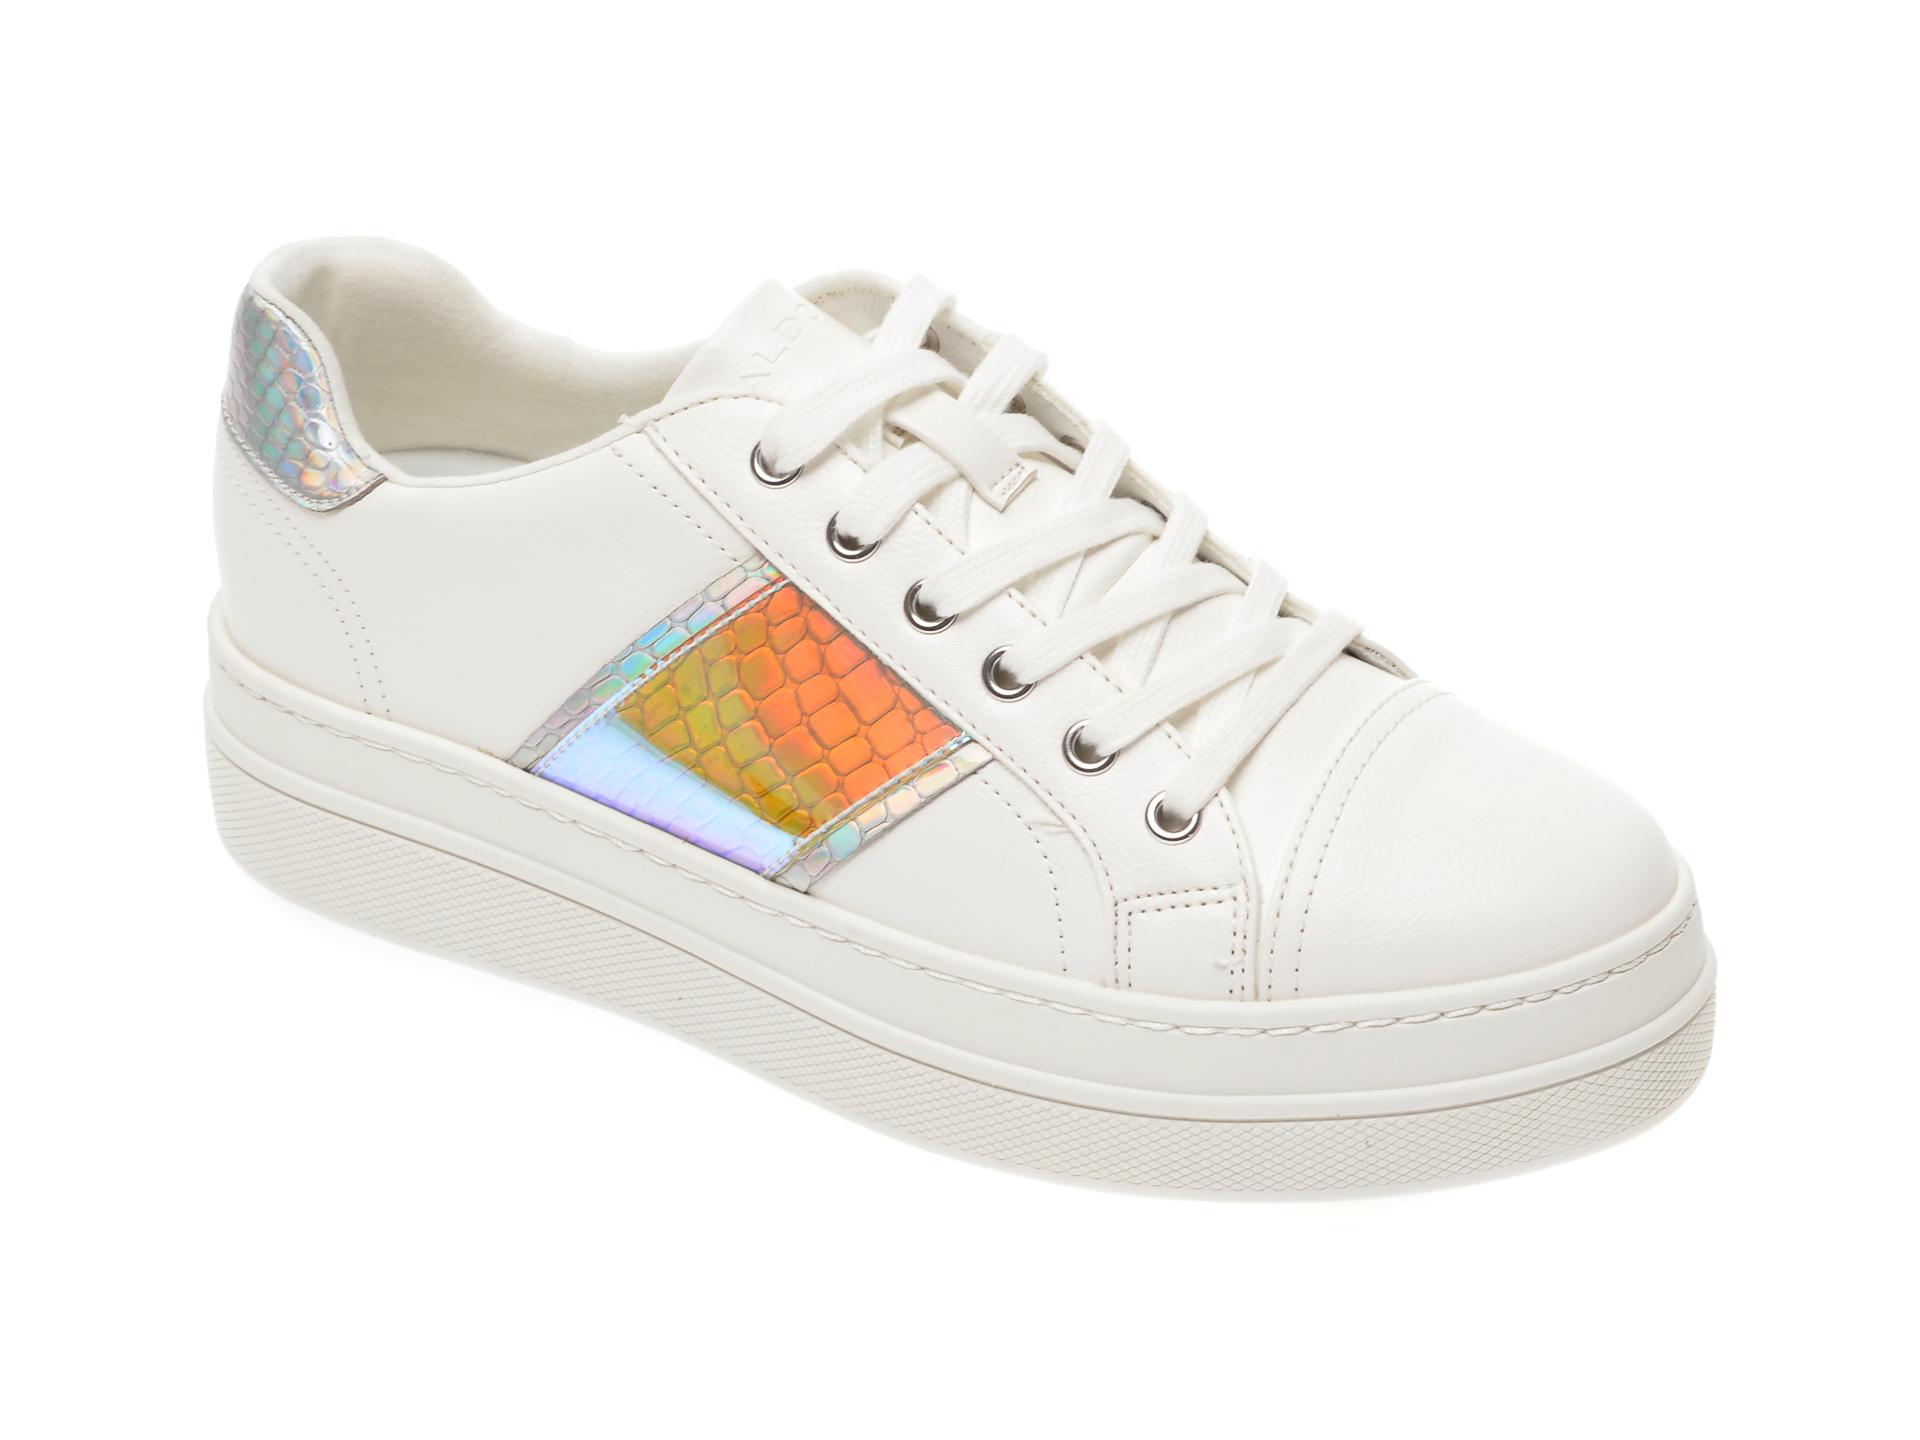 Pantofi sport ALDO argintii, Starburst962, din piele ecologica imagine